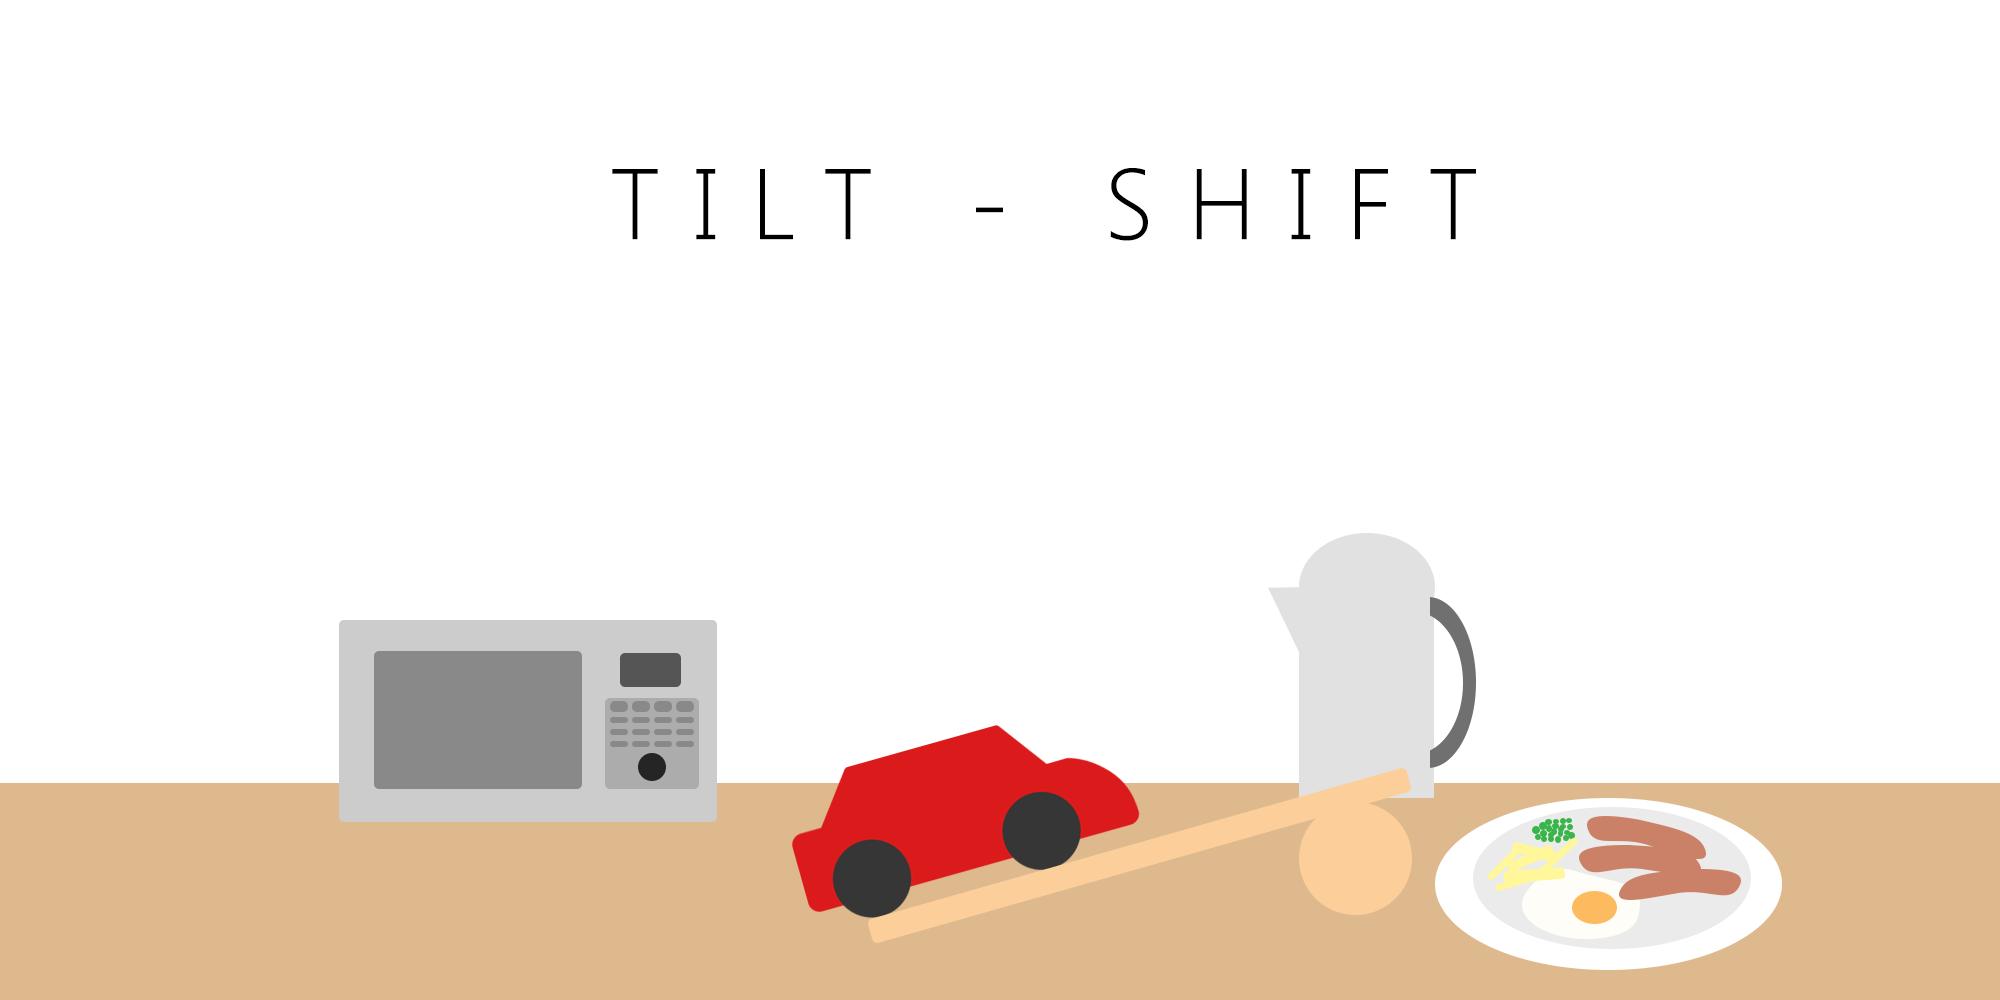 Project Tilt-Shift